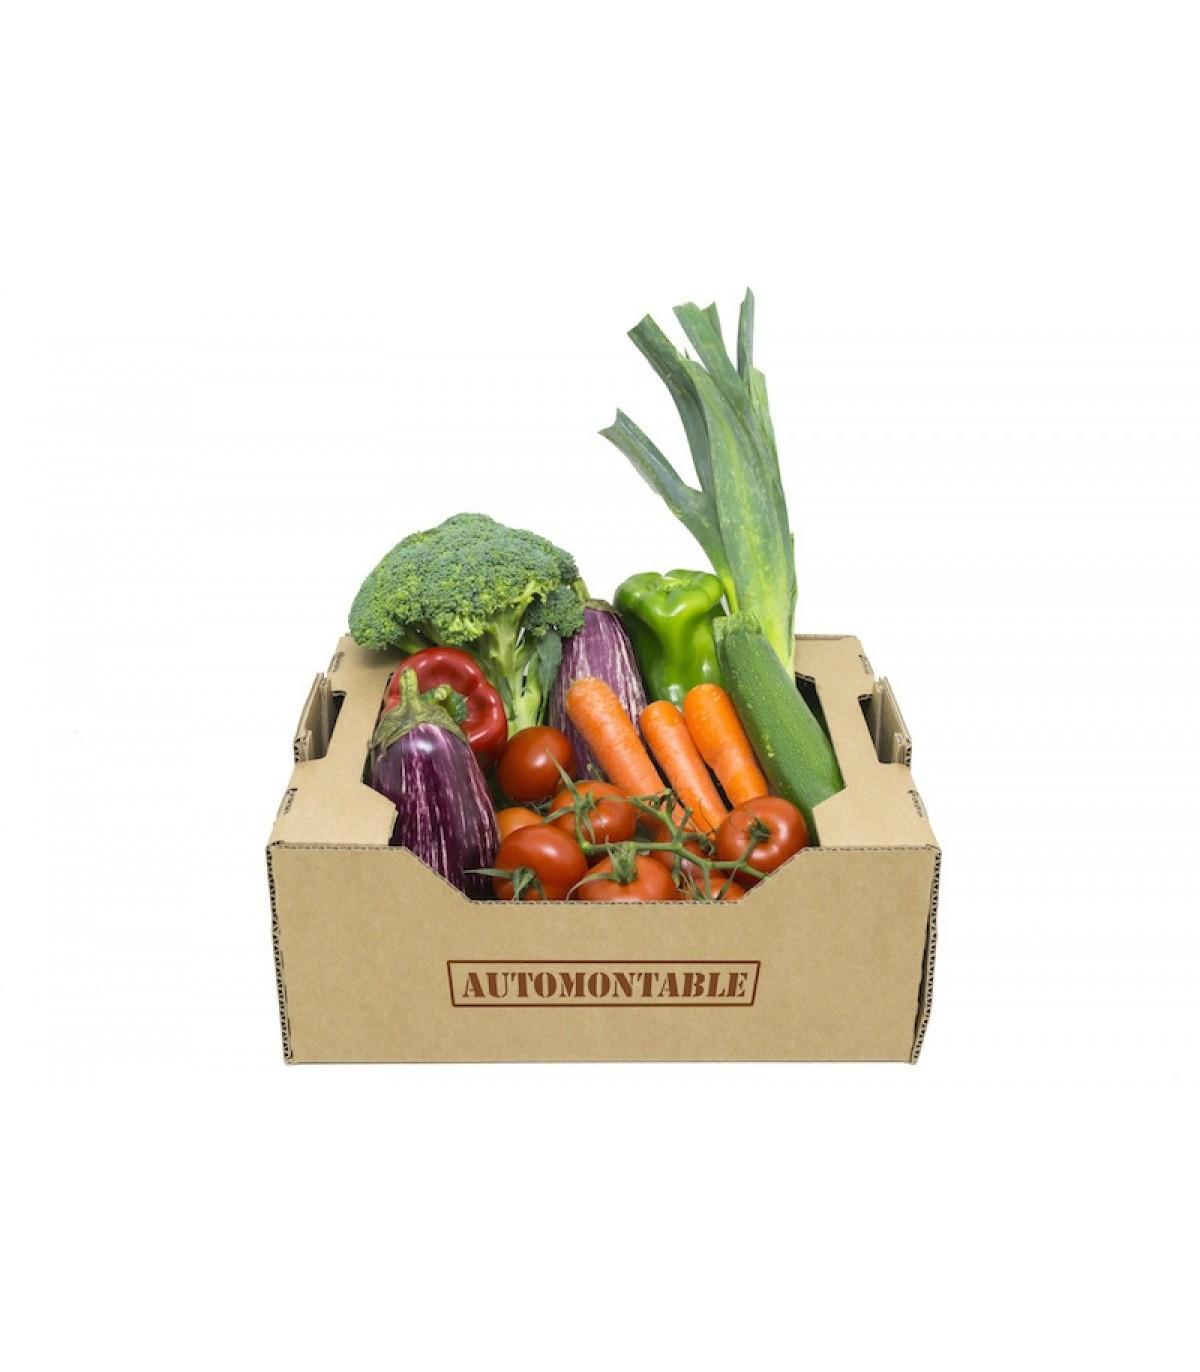 Cajas de cart n para frutas y verduras cajeando - Cajas de fruta ...